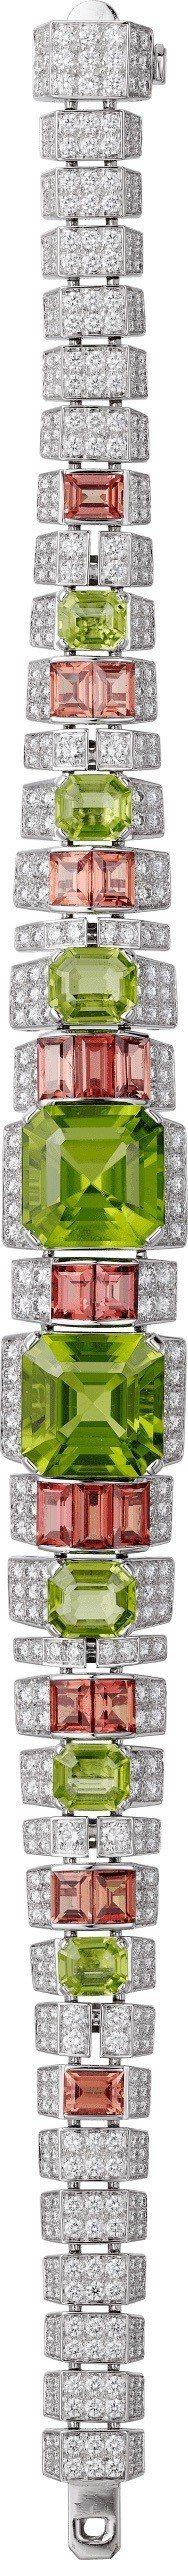 PAGODE 橄欖石鑽石項鍊,白K金鑲嵌橄欖石共12.96 克拉、橙色剛玉、鑽石...